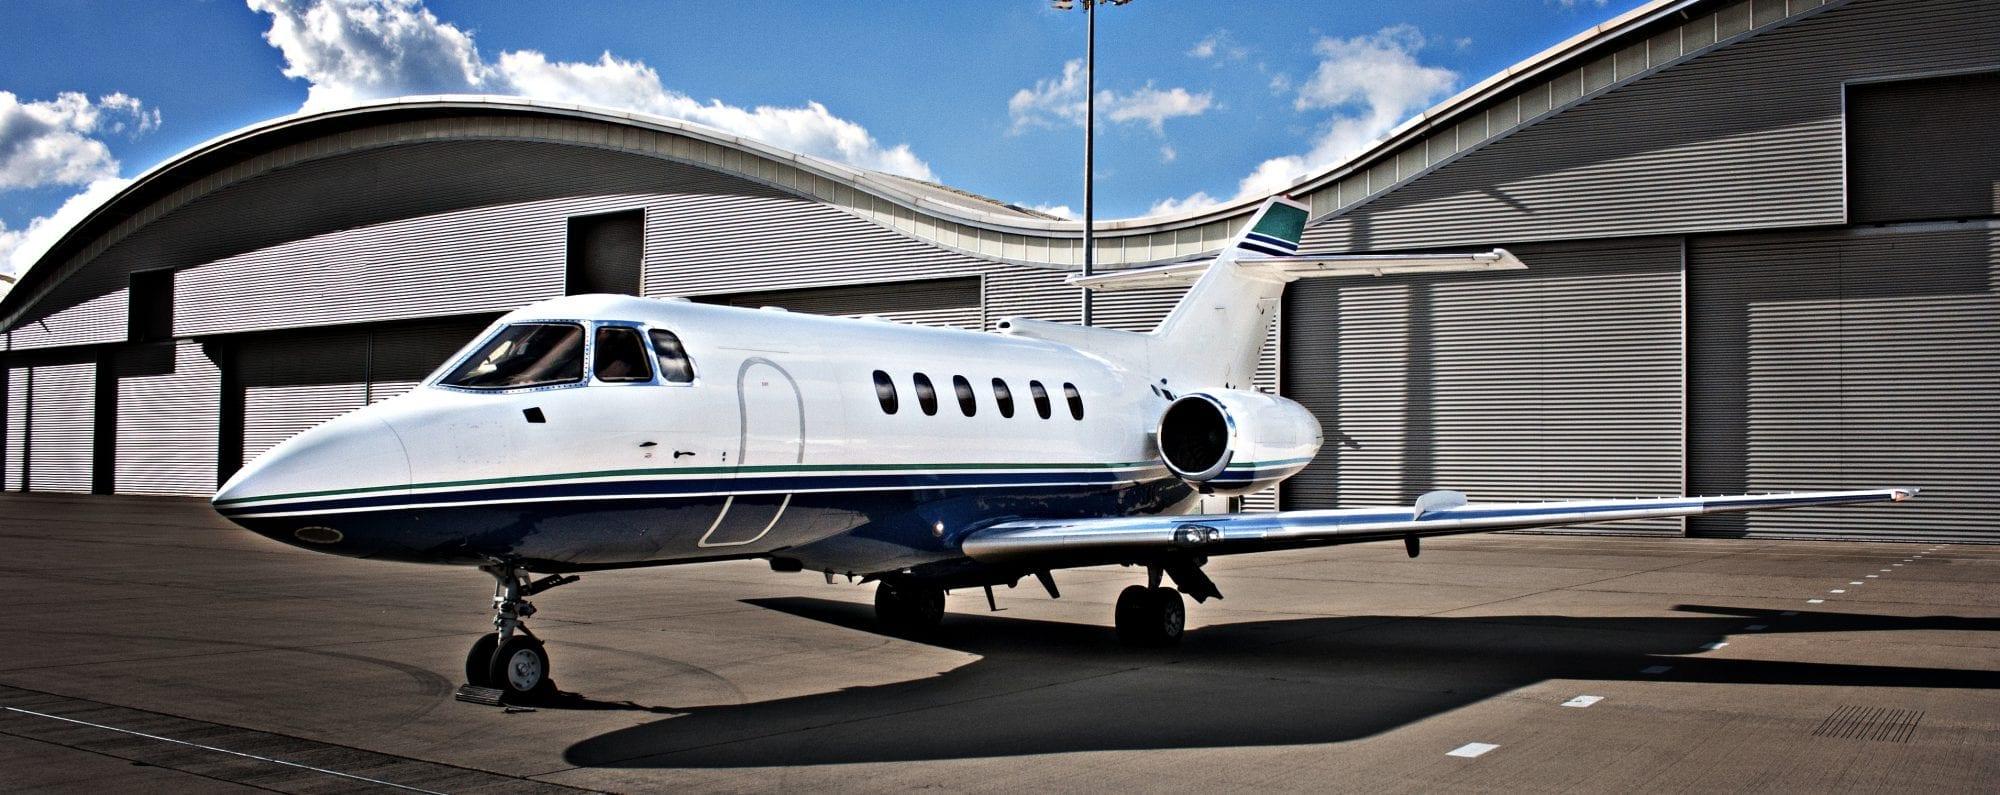 Hawker 800A Private Jet